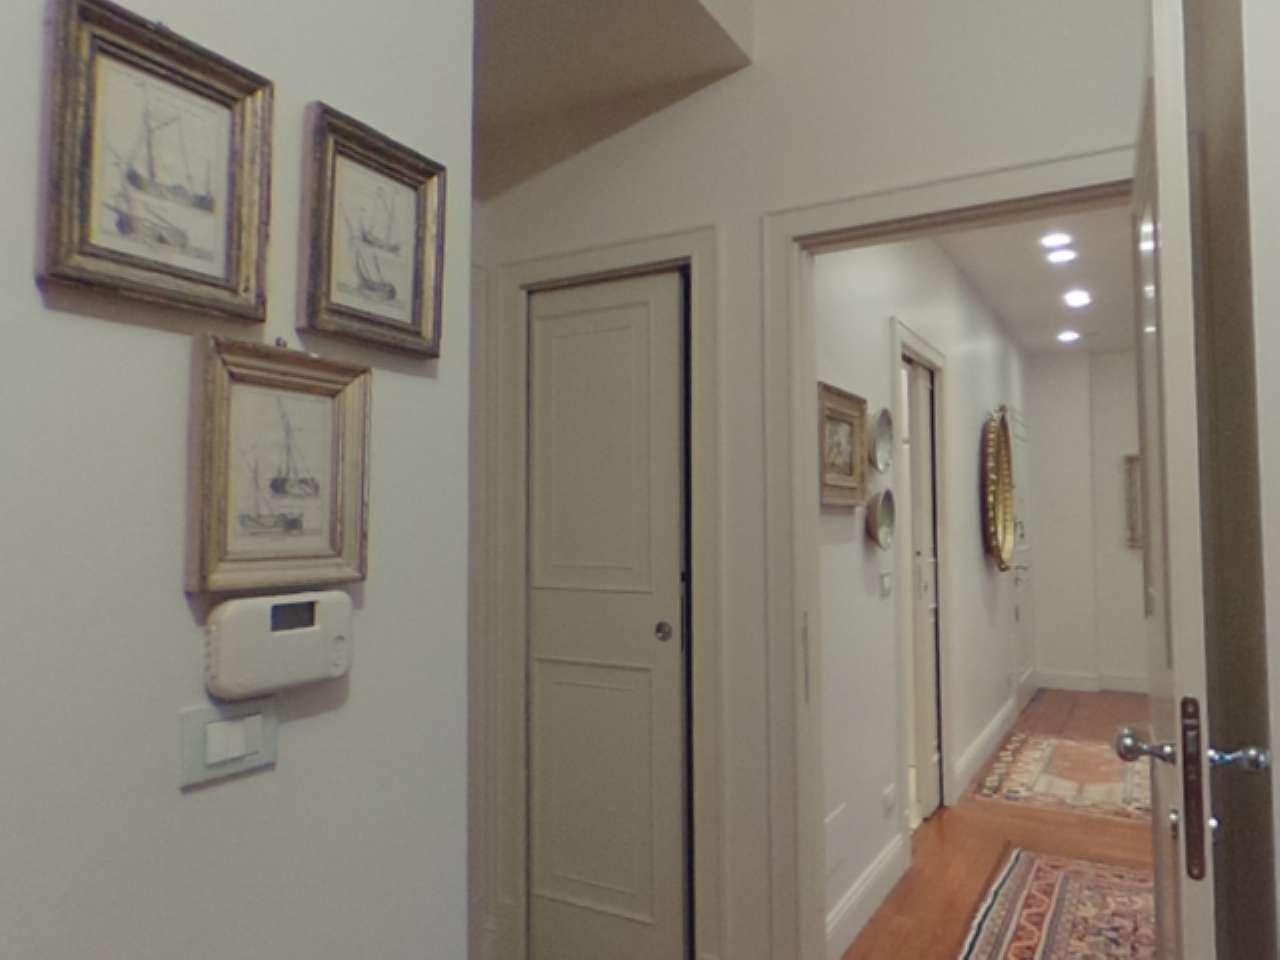 Missori - Nuda proprieta' - Prestigioso appartamento in centro con cantina e doppio garage, foto 3